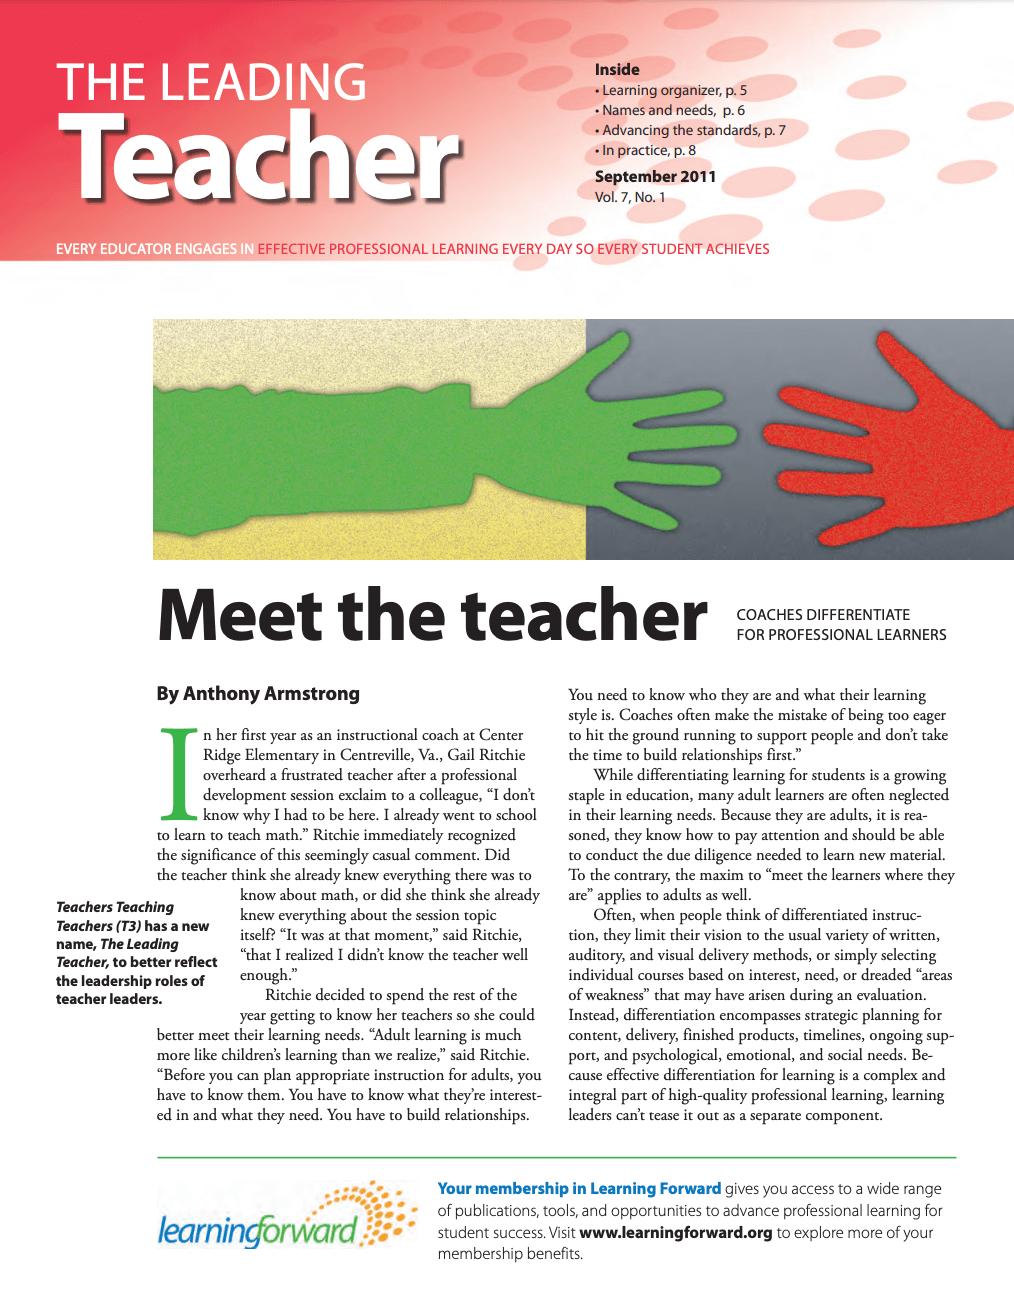 the-leading-teacher-september-2011-vol-7-no-1